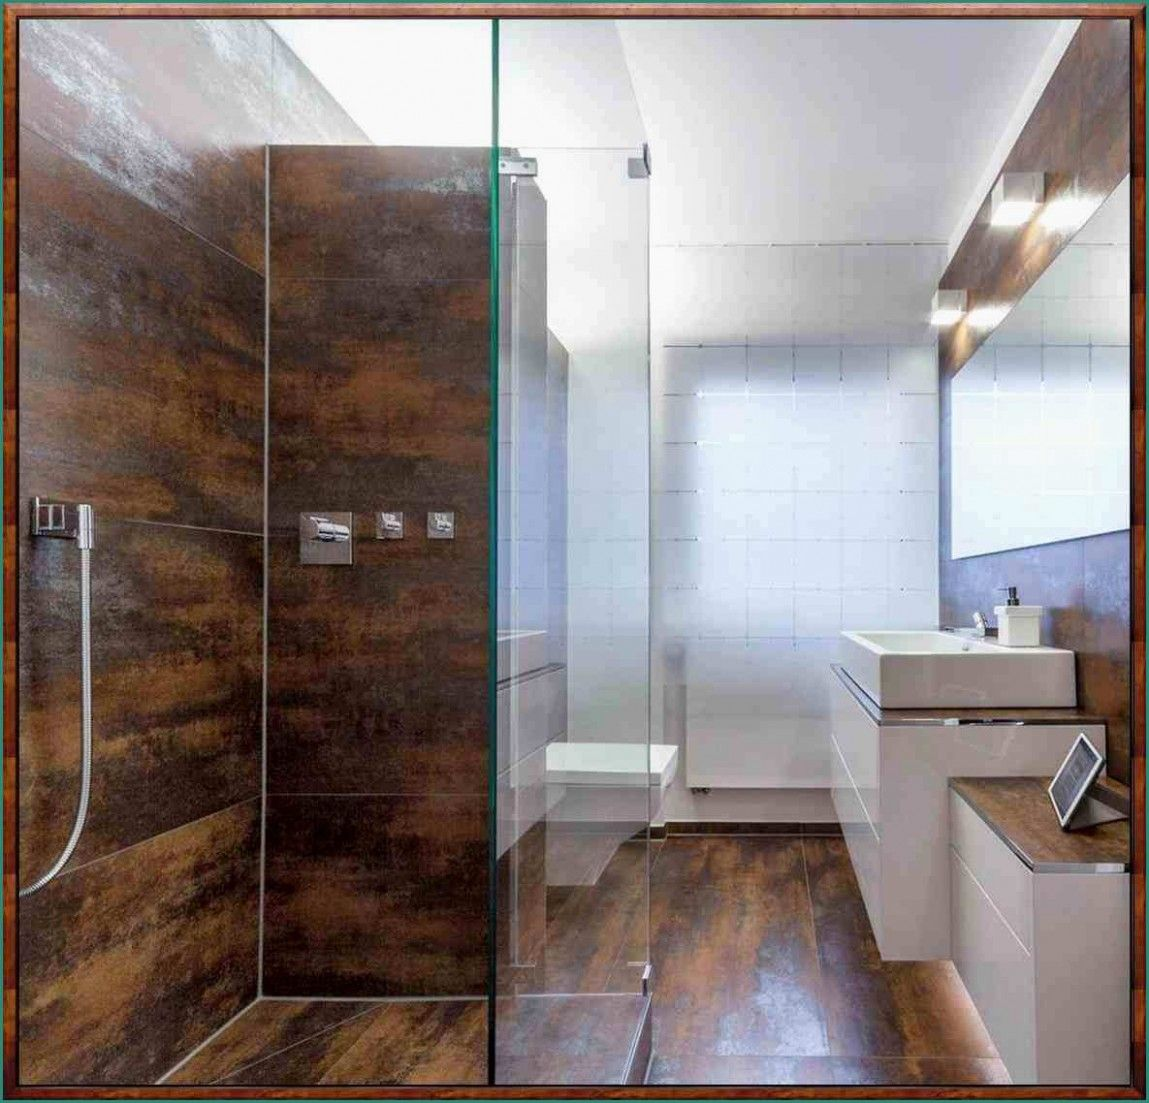 Rollputz Fur Badezimmer Fliesen House Design Home Decor Design